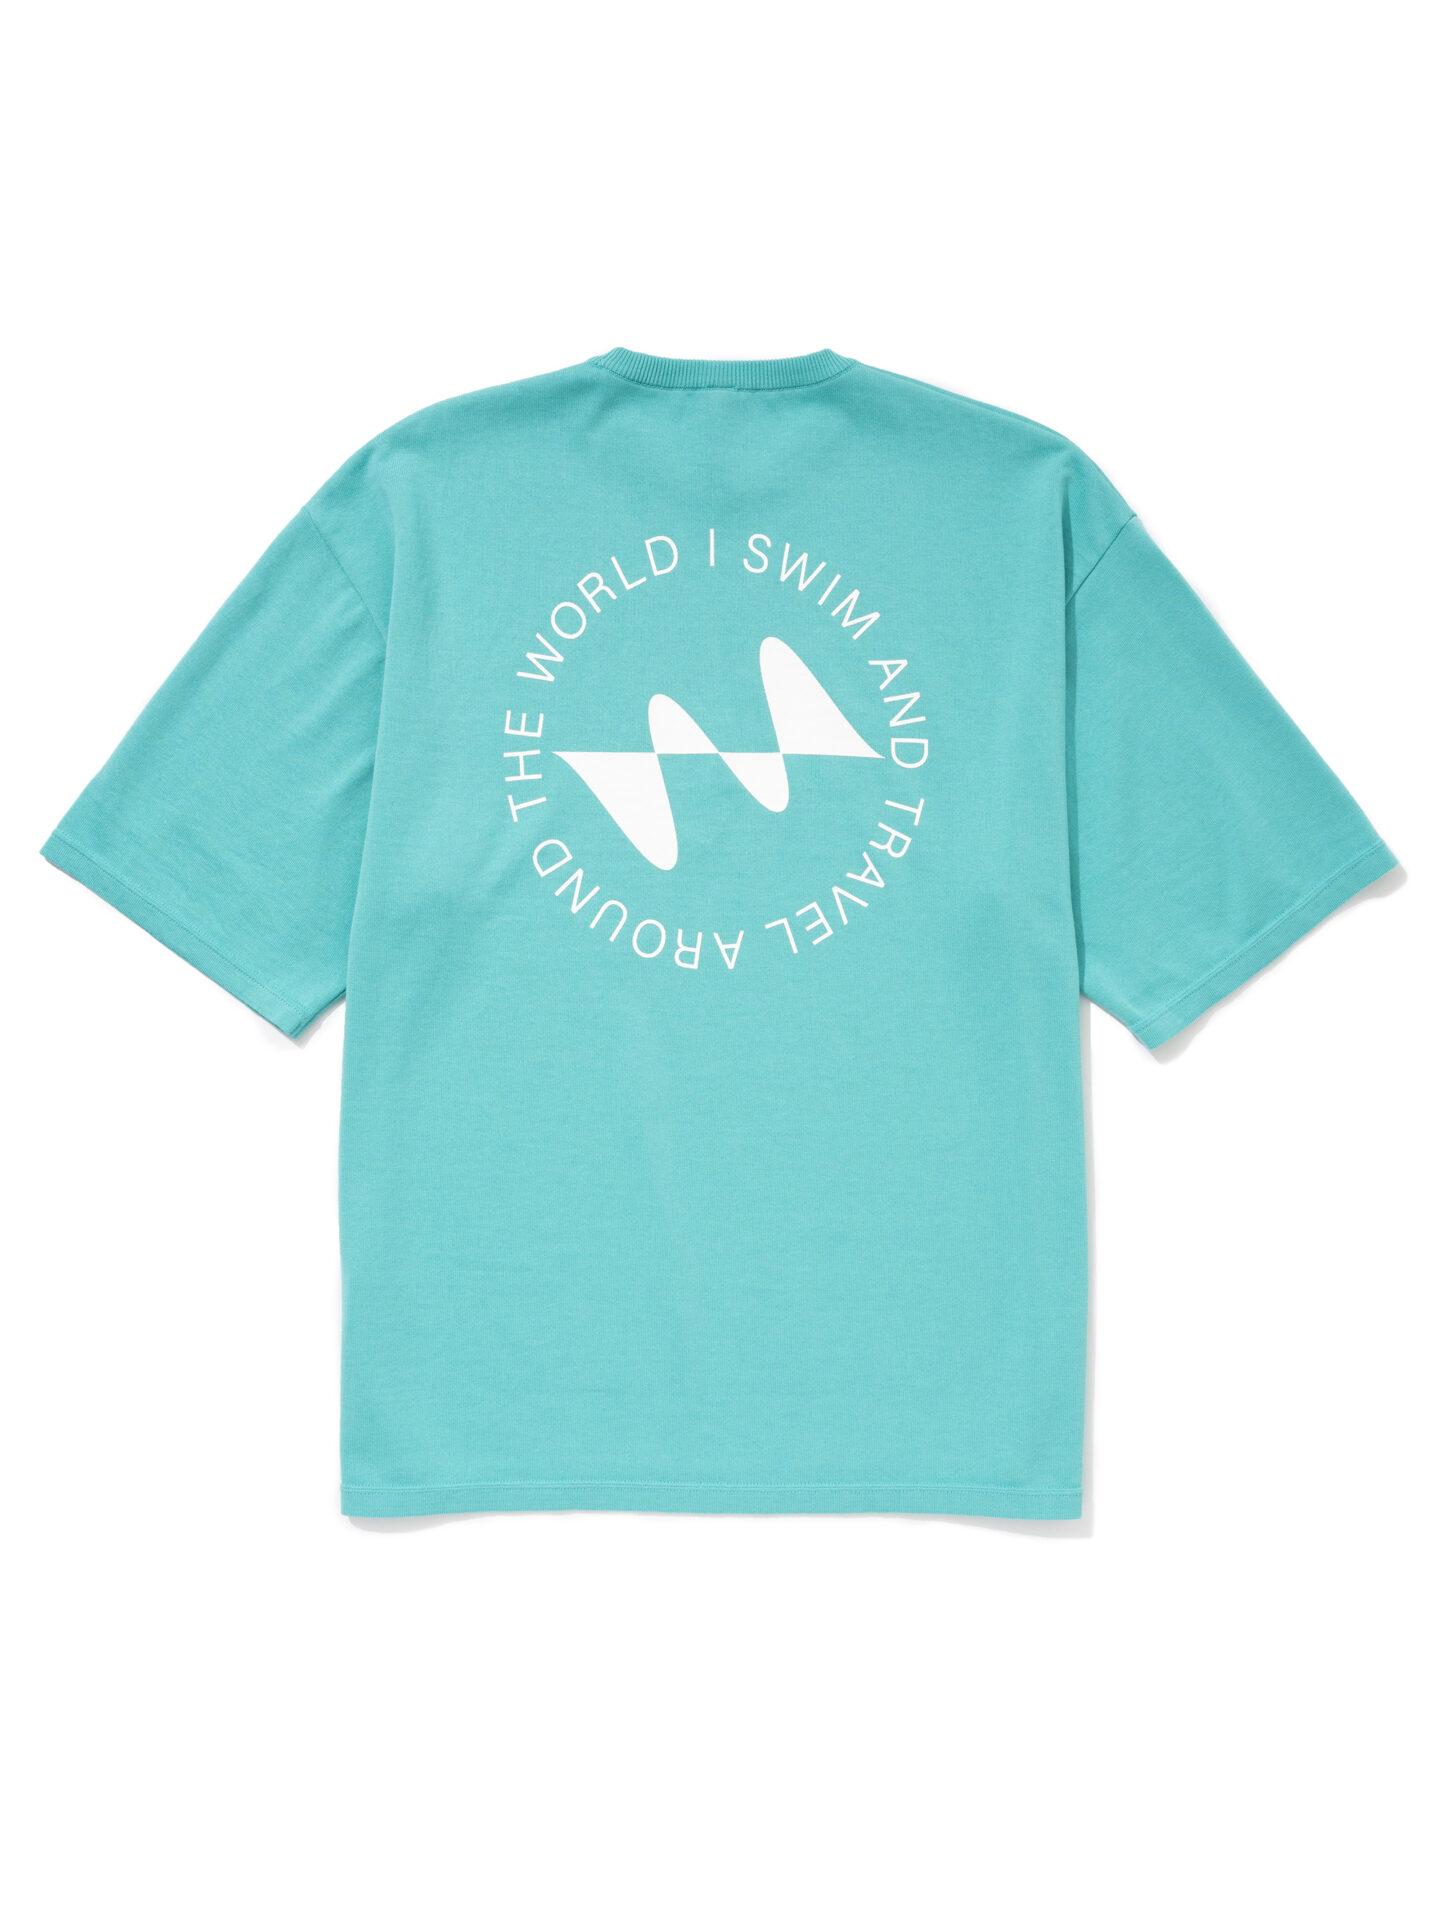 【超撥水】オーガニックコットン100%使用 最高級 I SWIMロゴ半袖Tシャツ -ミント